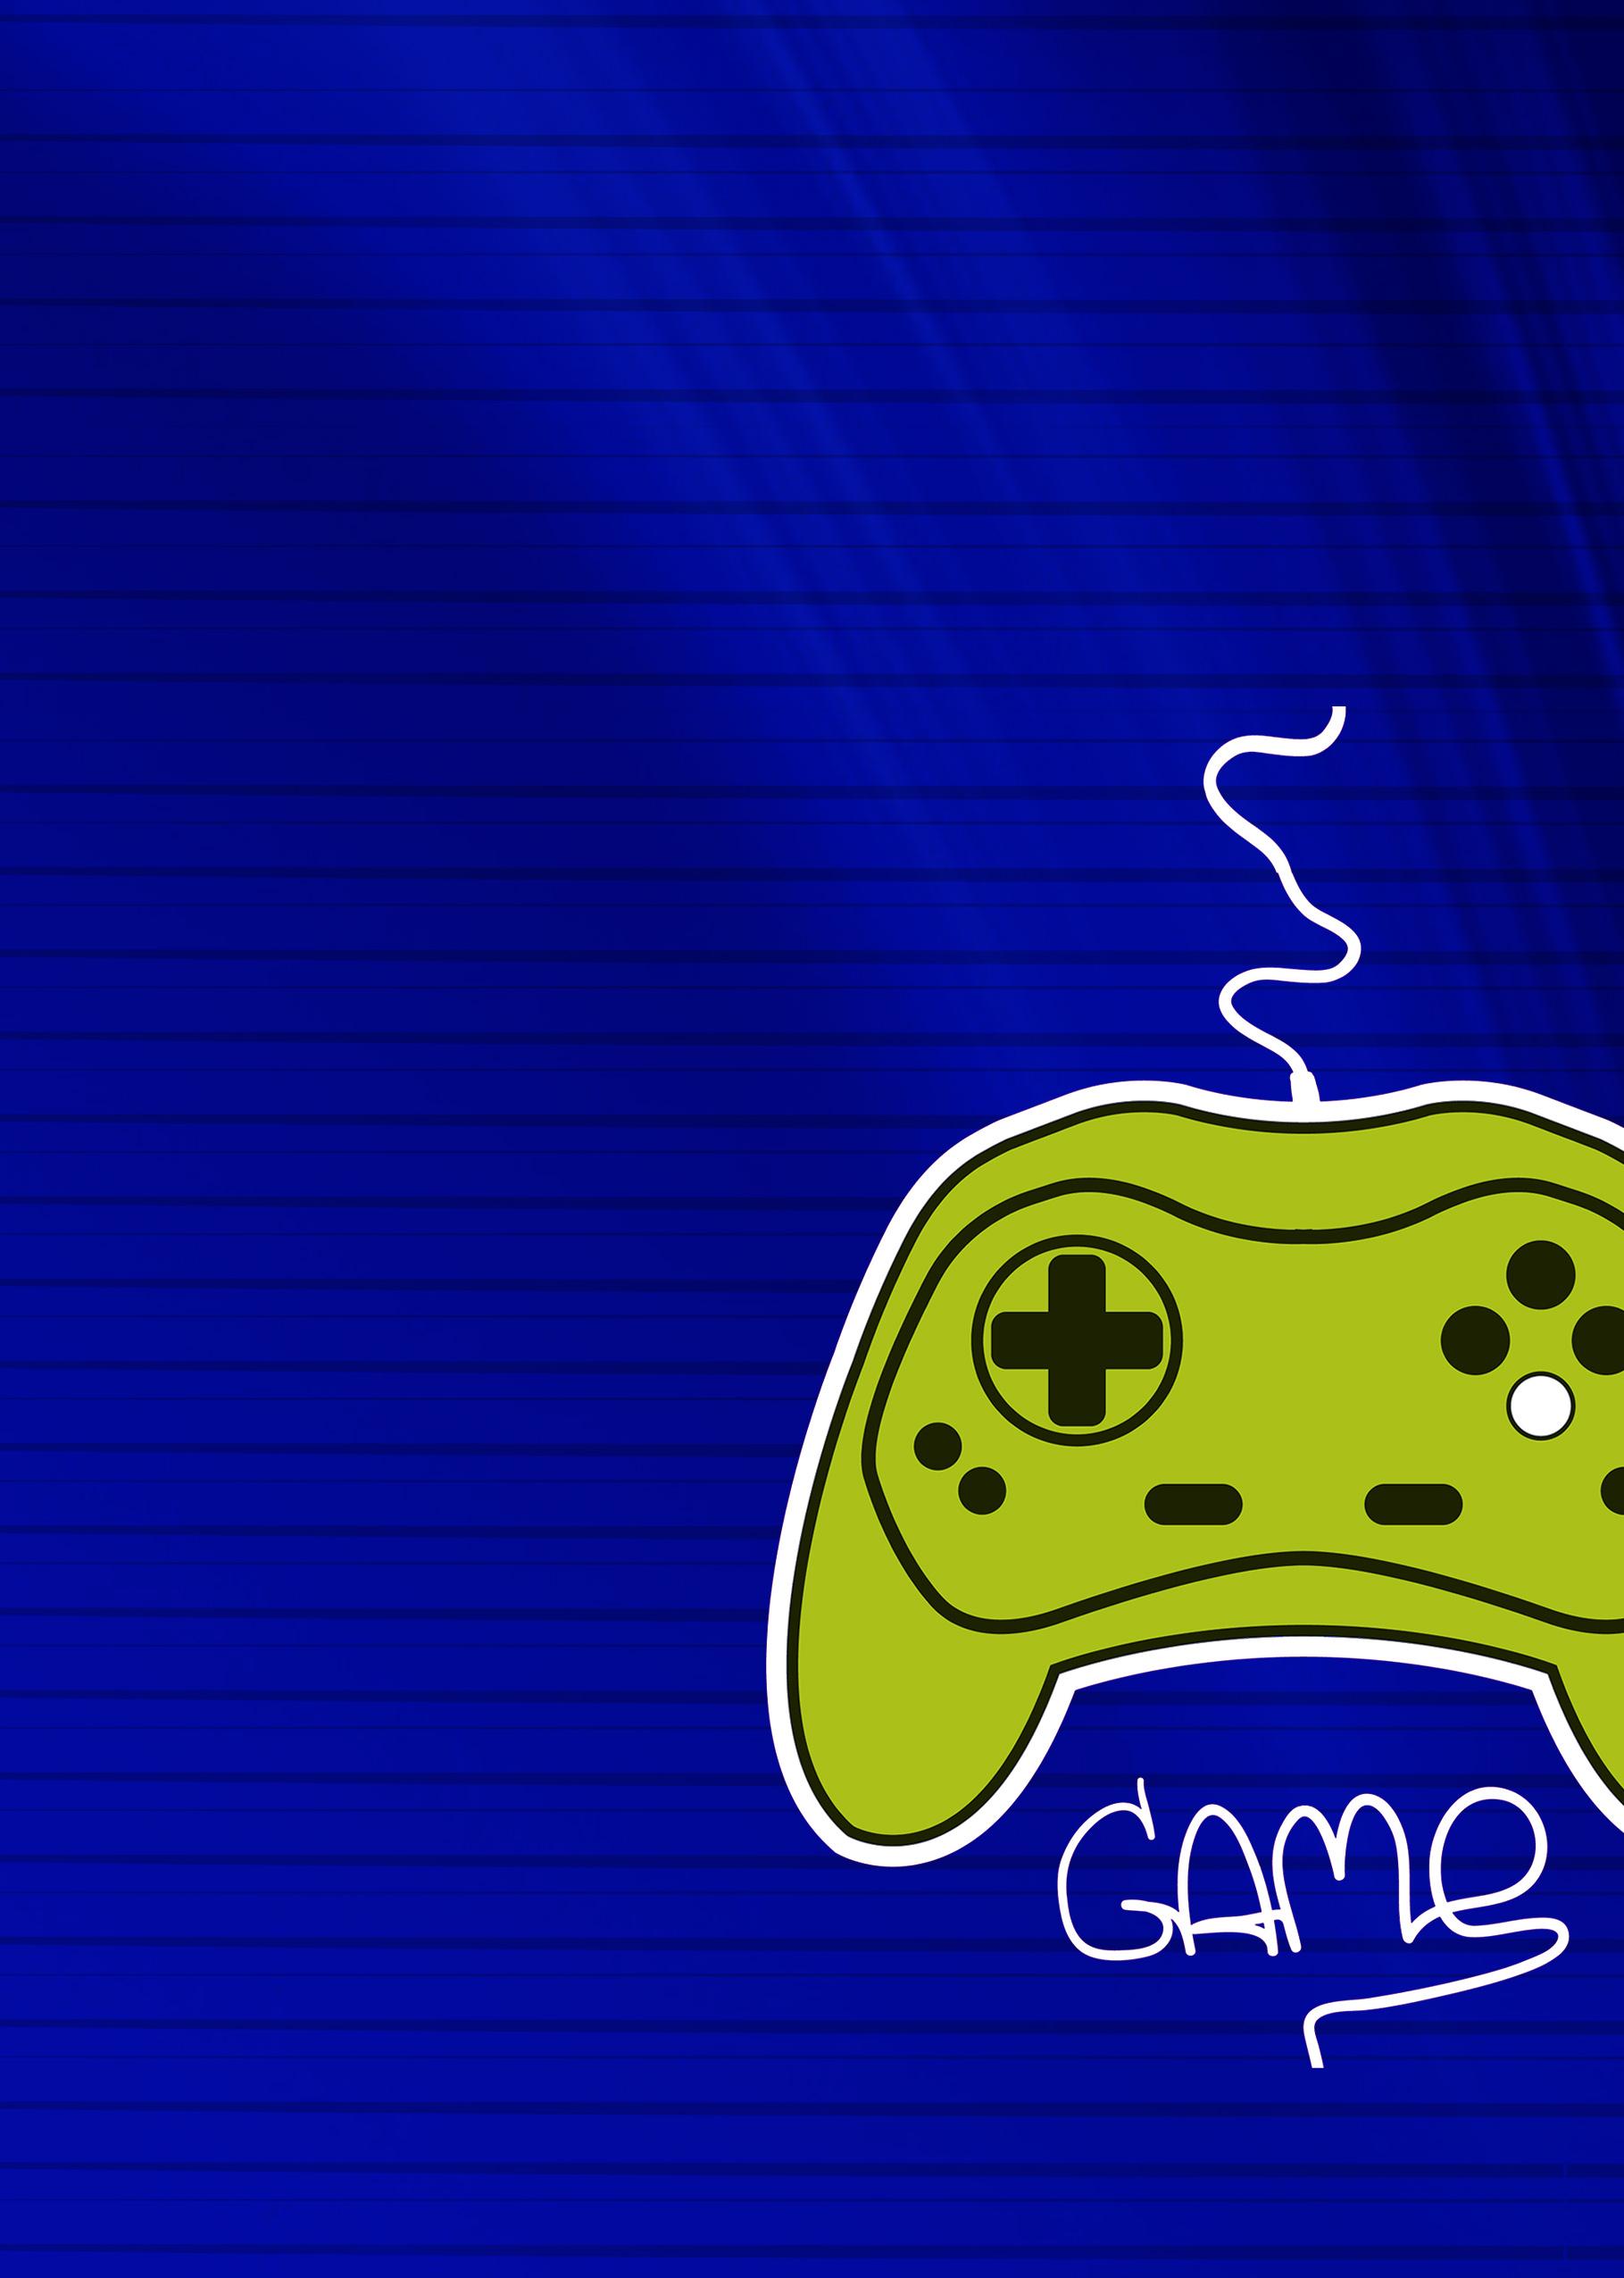 Foto de 1381139842_videojocsneutralila.jpg